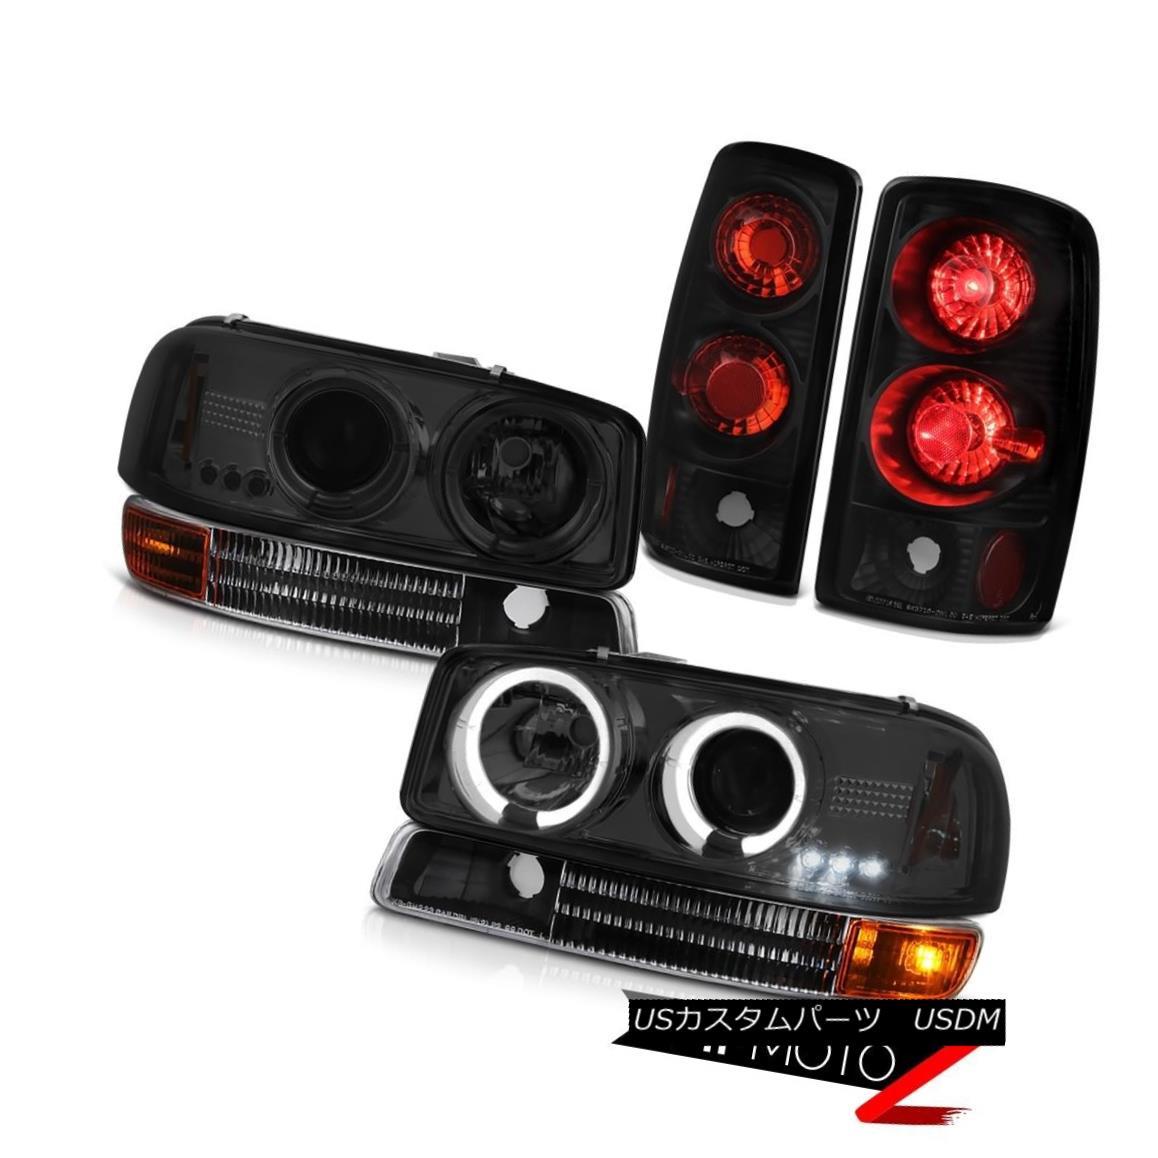 テールライト 2000 01 02 03 04 05 06 Yukon LED Halo Headlights Bumper Signal Clear Tail Lights 2000 01 02 03 04 05 06ユーコンLEDハローヘッドライトバンパー信号クリアテールライト